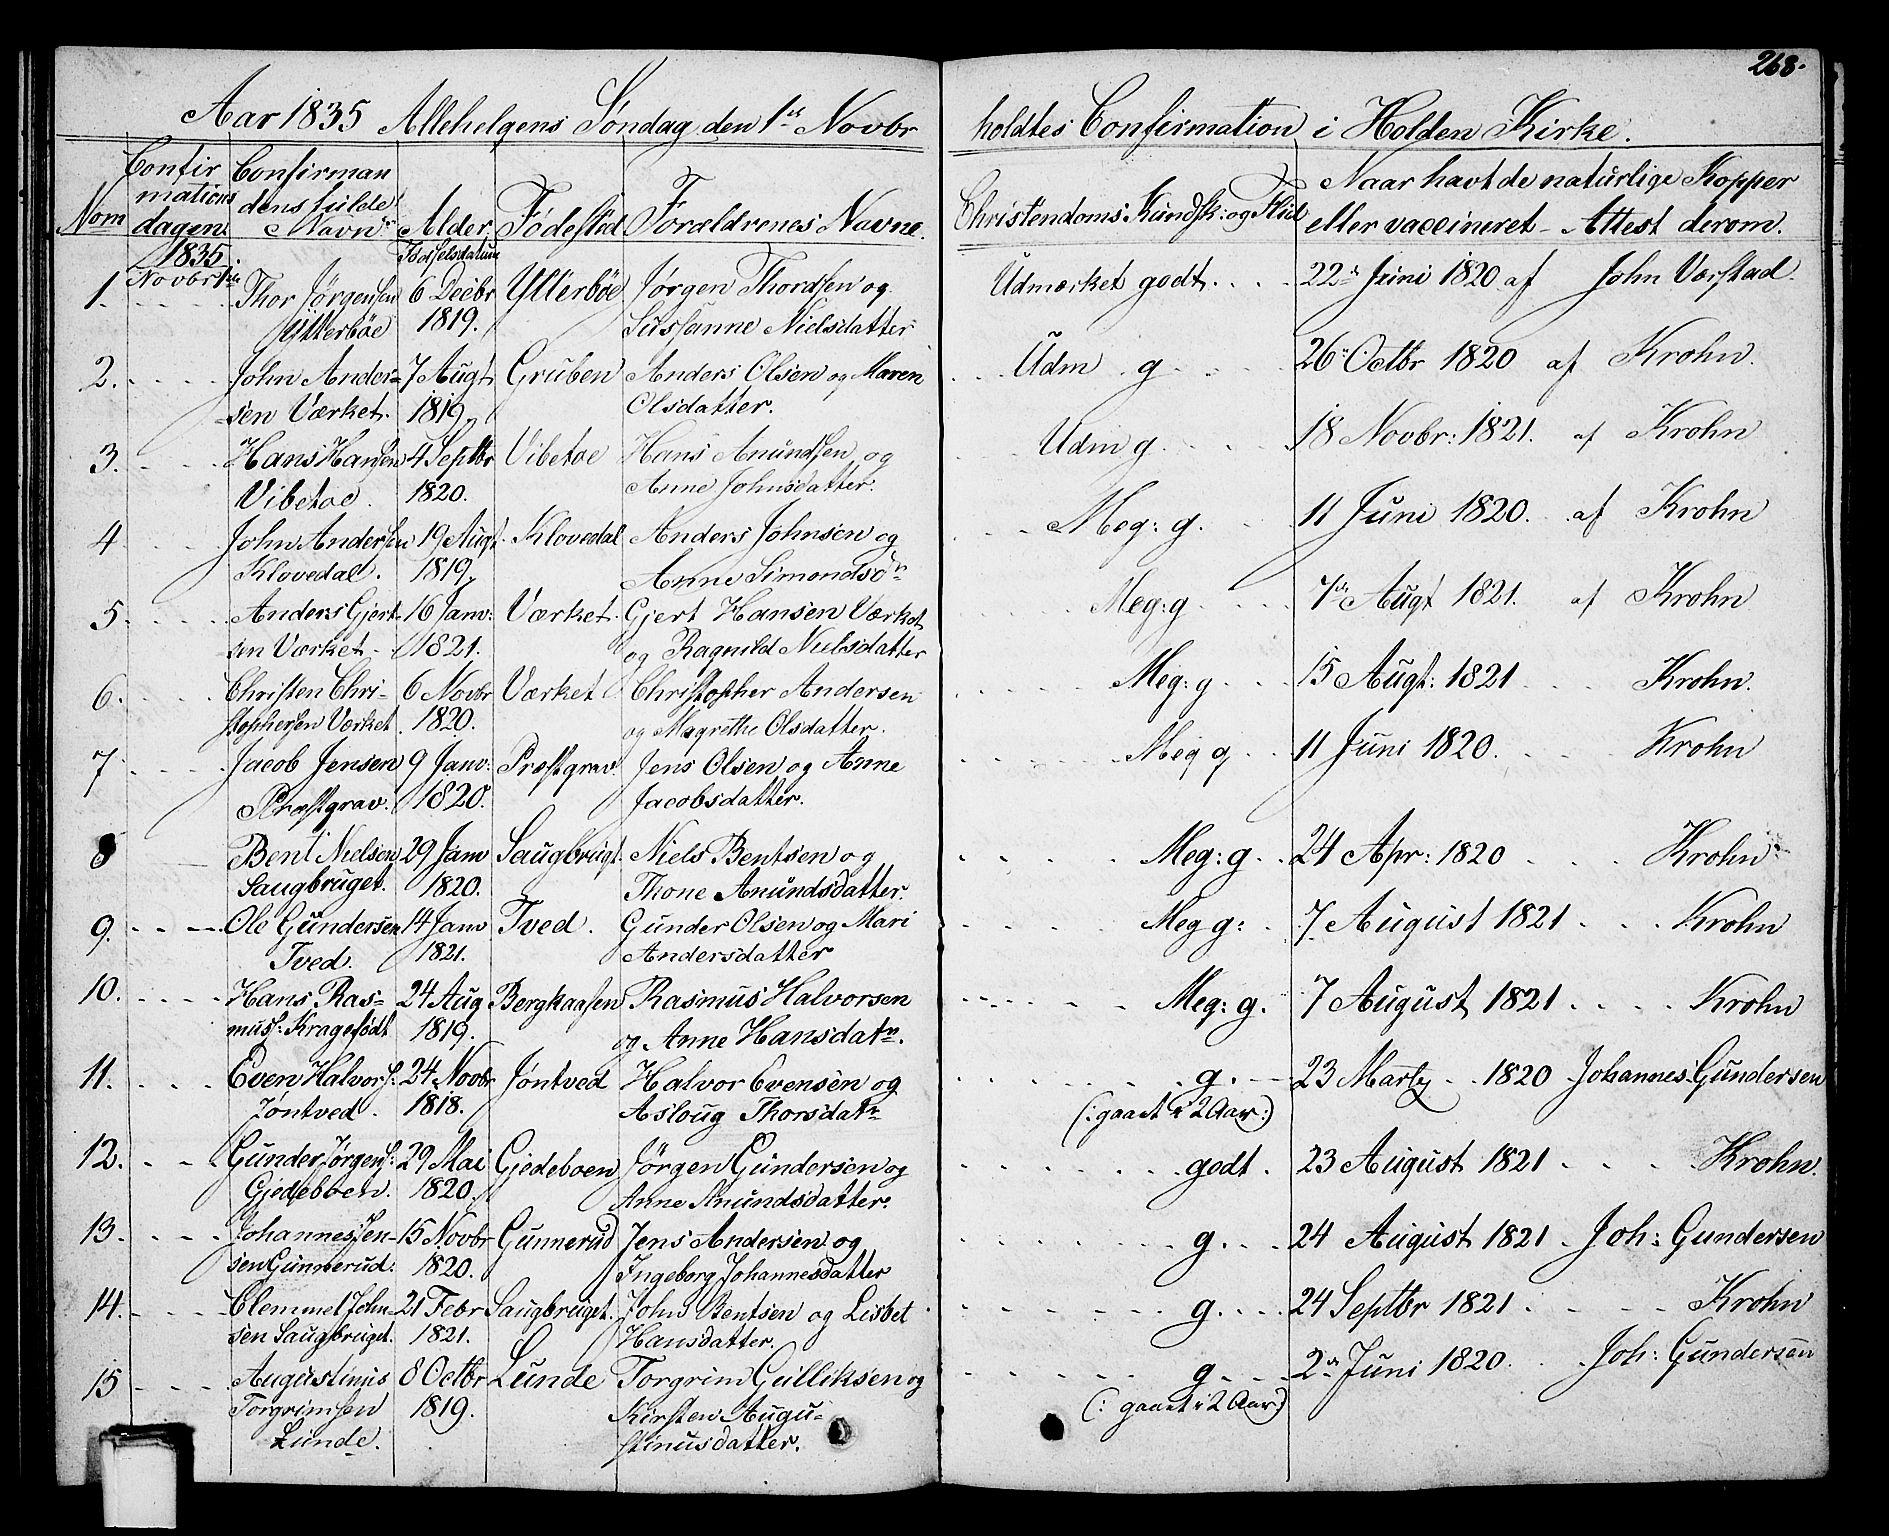 SAKO, Holla kirkebøker, G/Ga/L0002: Klokkerbok nr. I 2, 1830-1848, s. 268